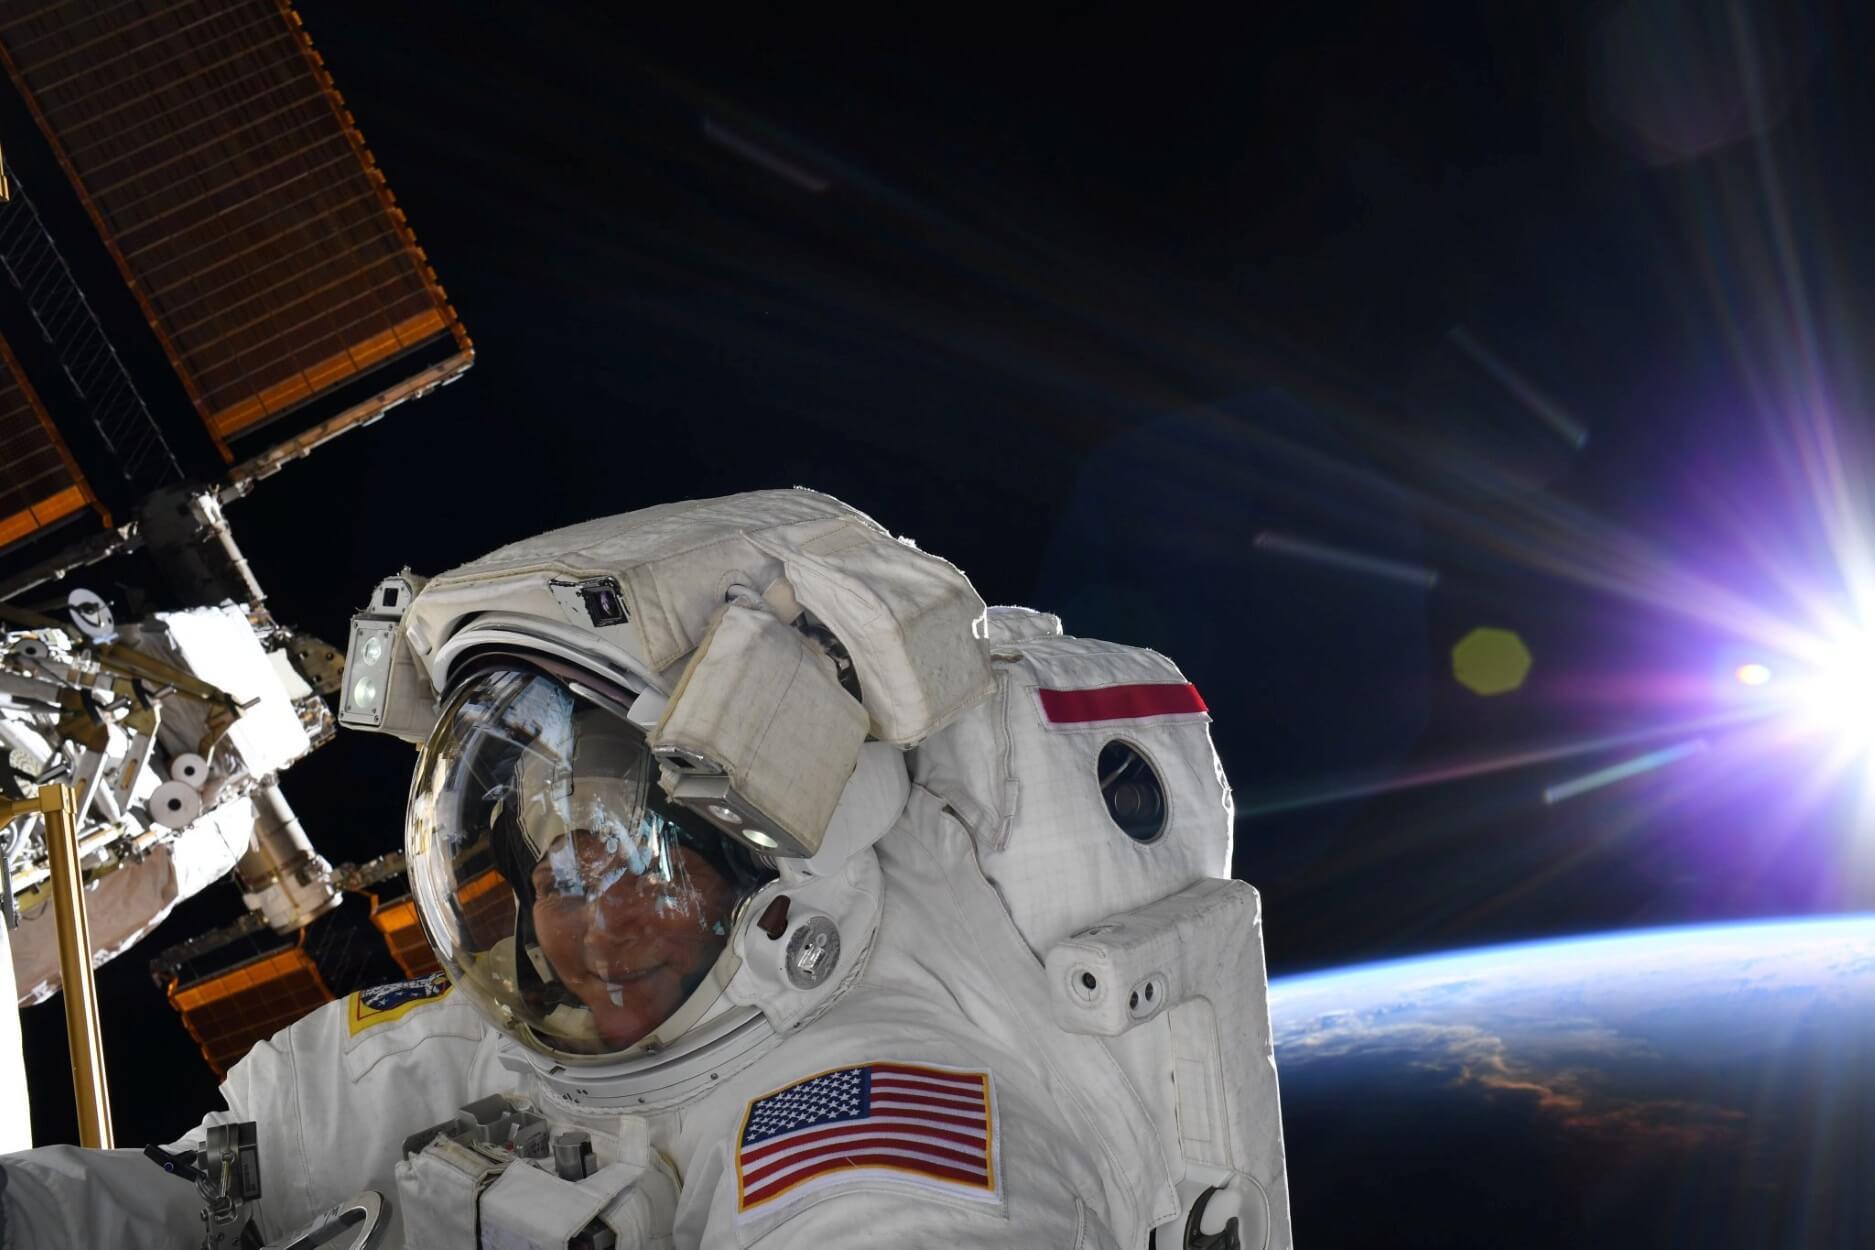 Ένας χαμός στο Διάστημα: Εκτοξεύσεις πυραύλων, άγγιγμα του Ήλιου και βομβαρδισμός αστεροειδή!